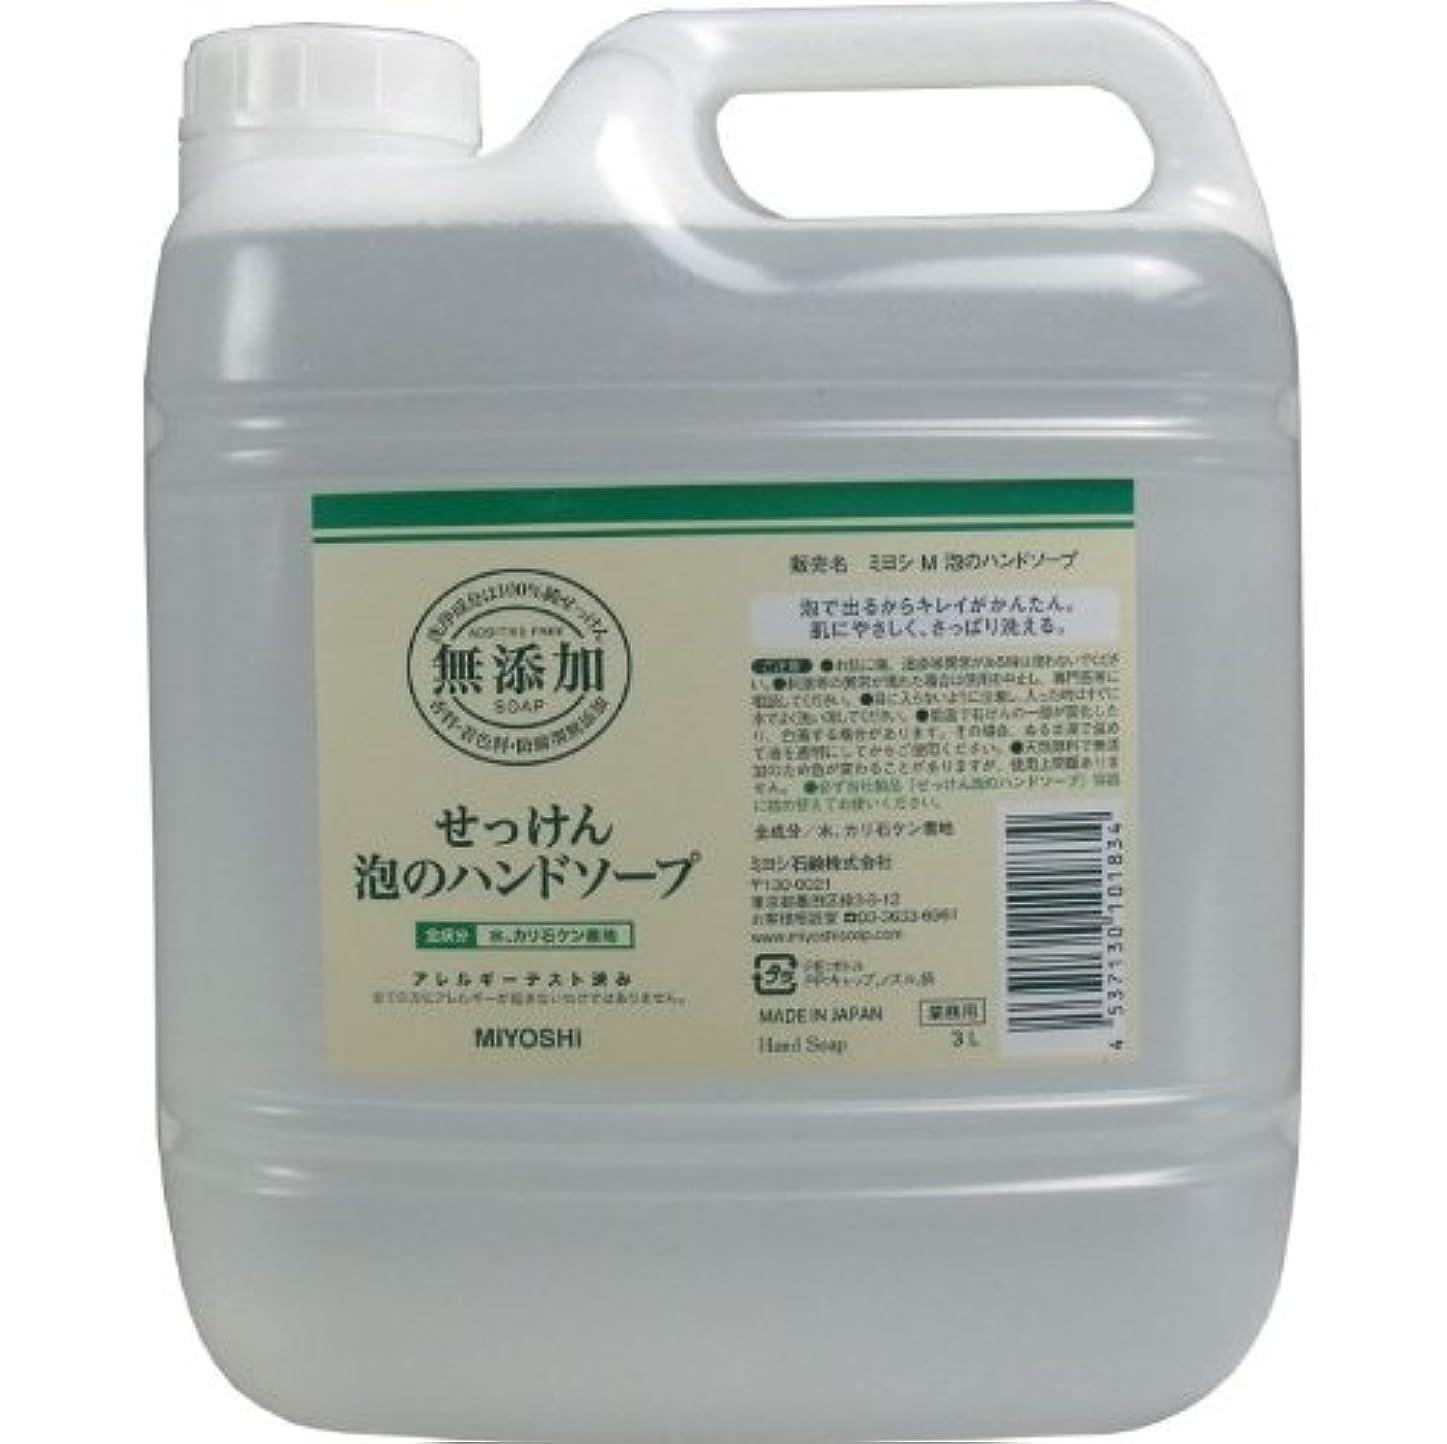 びっくりブート五月泡で出るからキレイが簡単!家事の間のサッと洗いも簡単!香料、着色料、防腐剤無添加!(業務用)3L【5個セット】